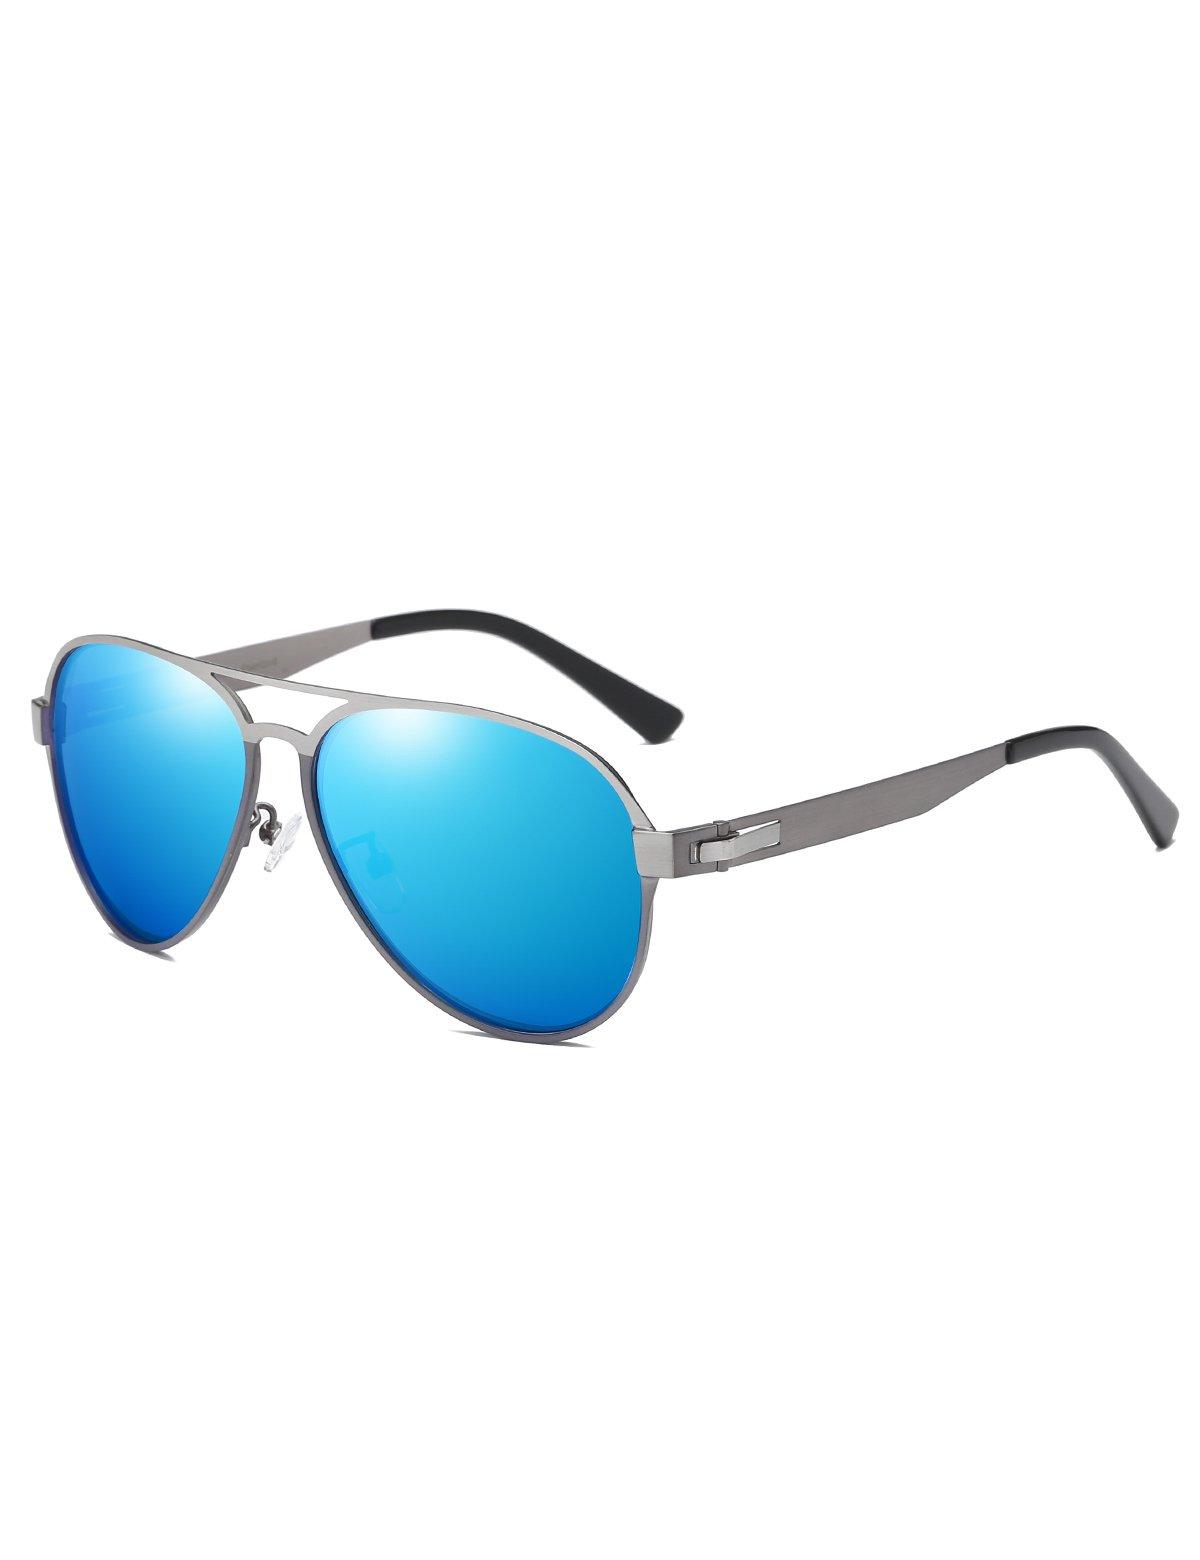 Duco lunettes aviateur Polarisées 1